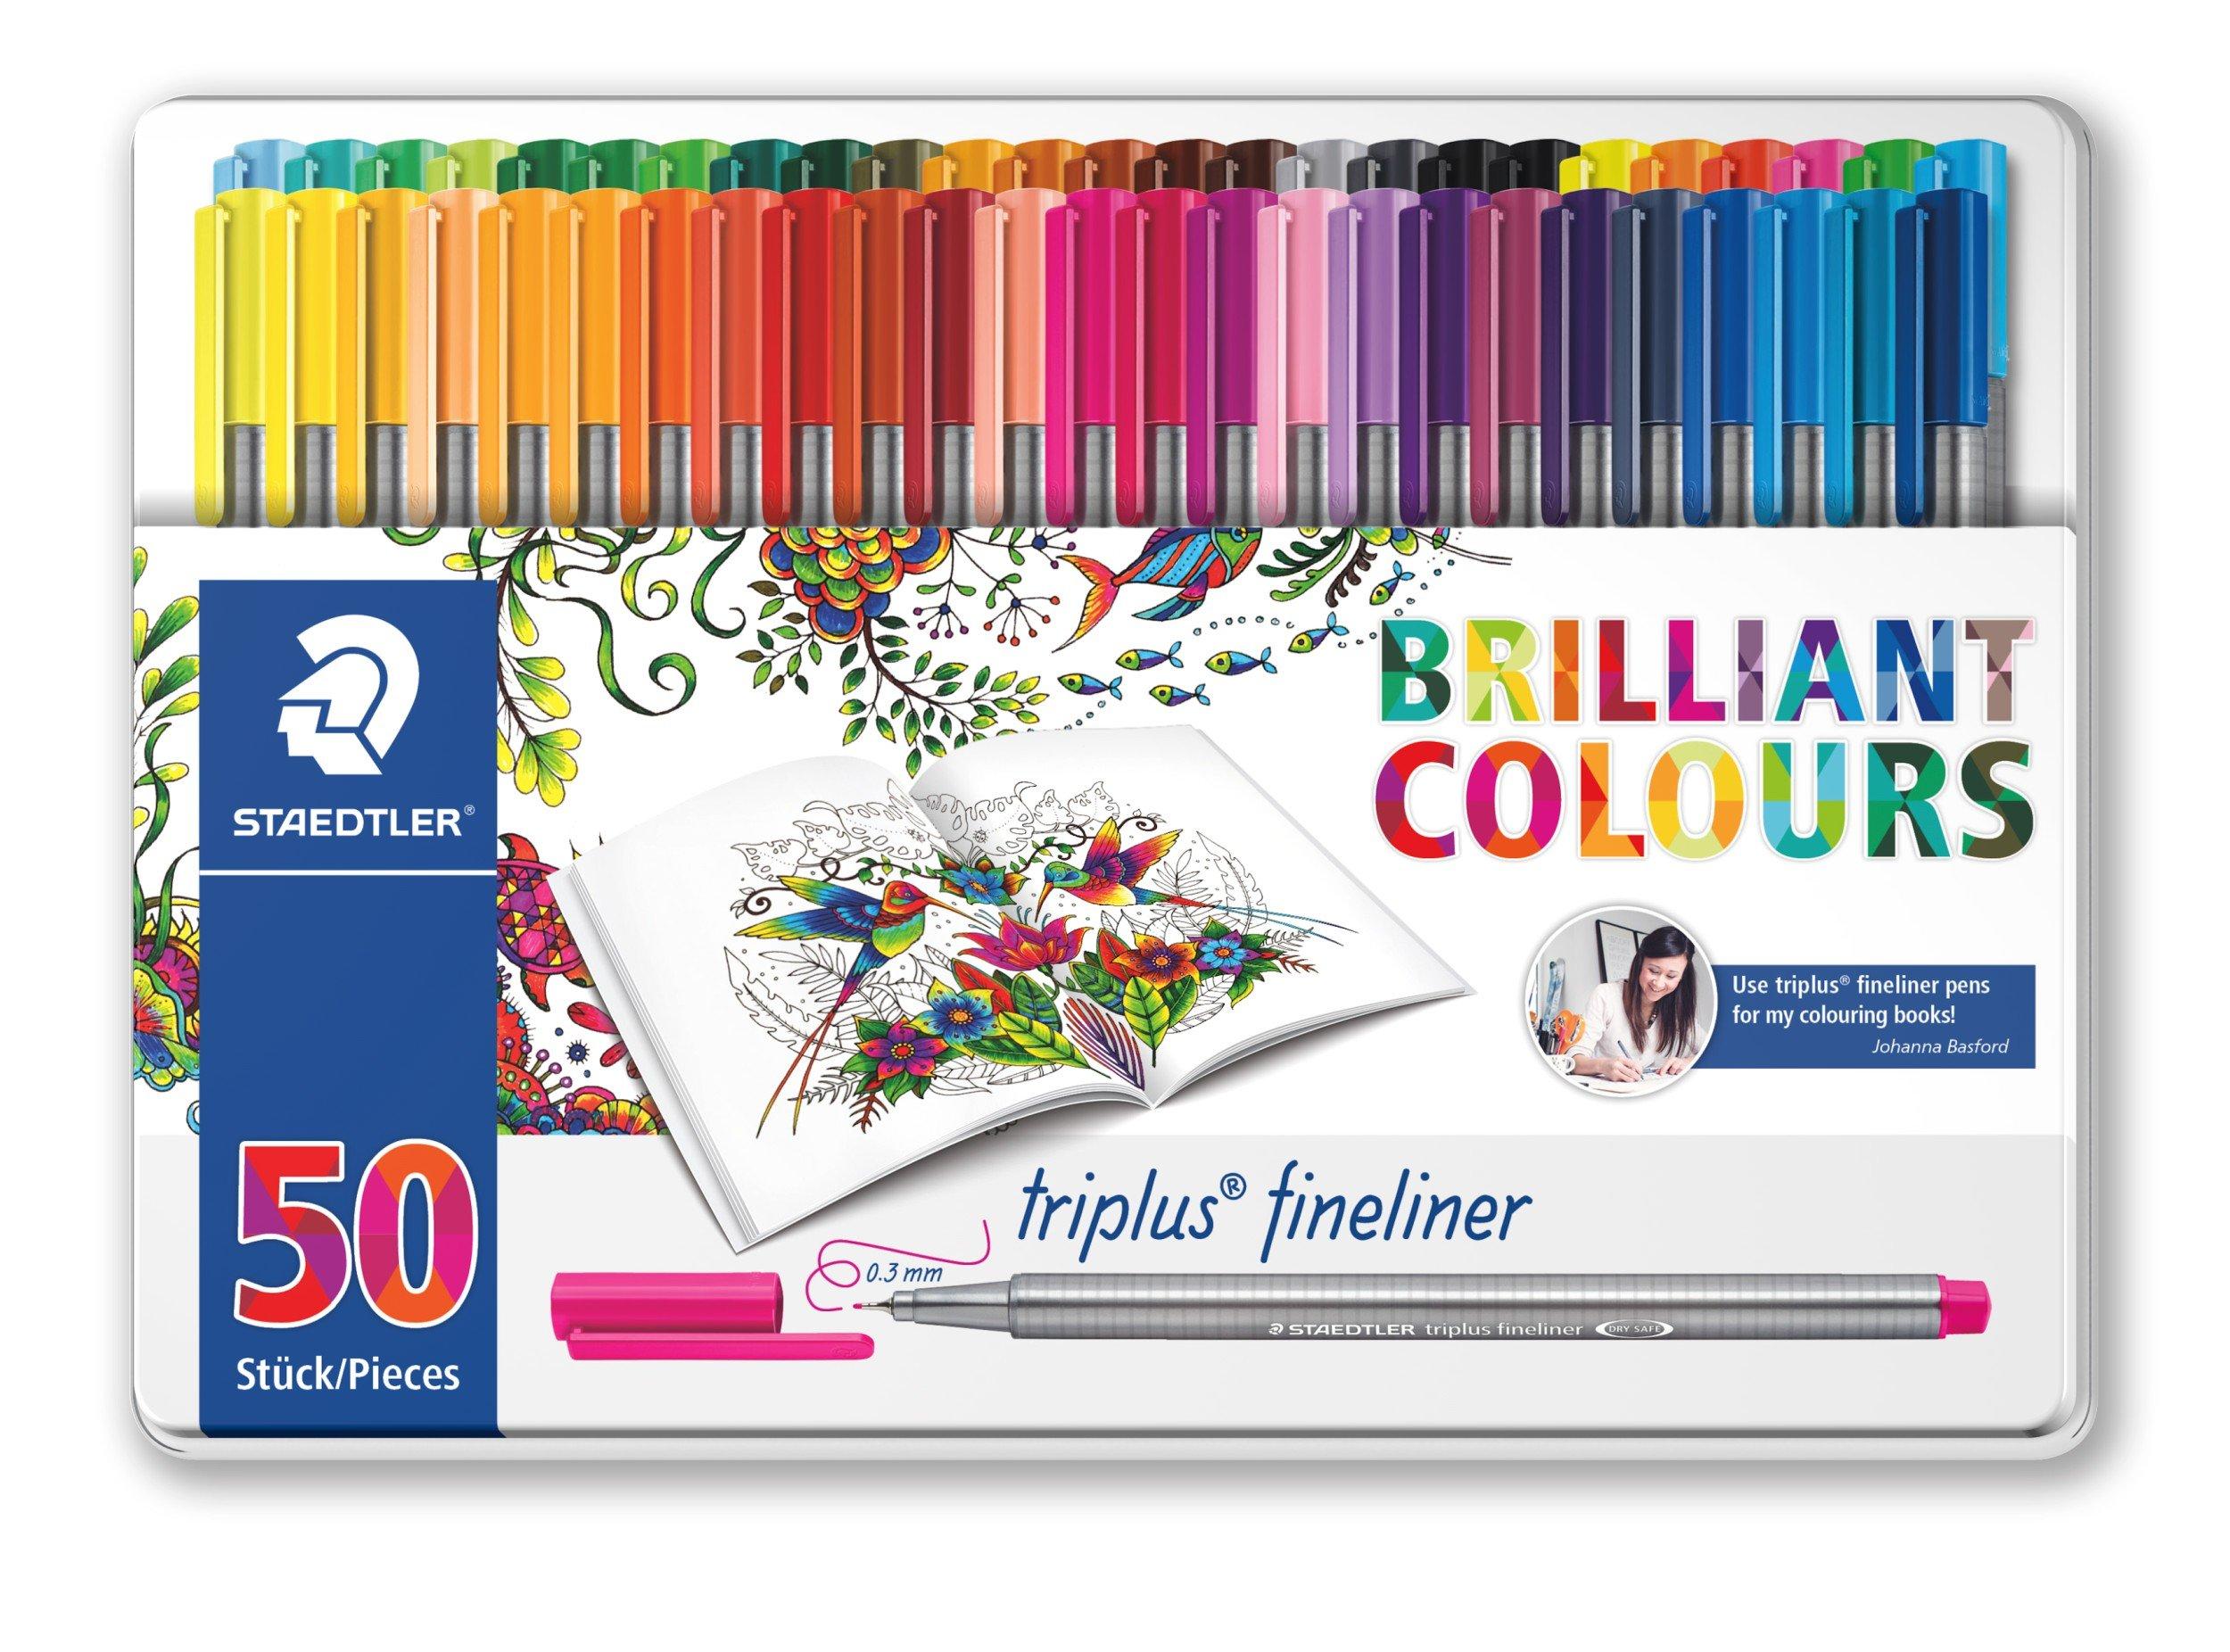 Staedtler Color Pen Set, 334M50JB - Set of 50 Assorted Colors in metal tin box (Triplus Fineliner Pens) by STAEDTLER